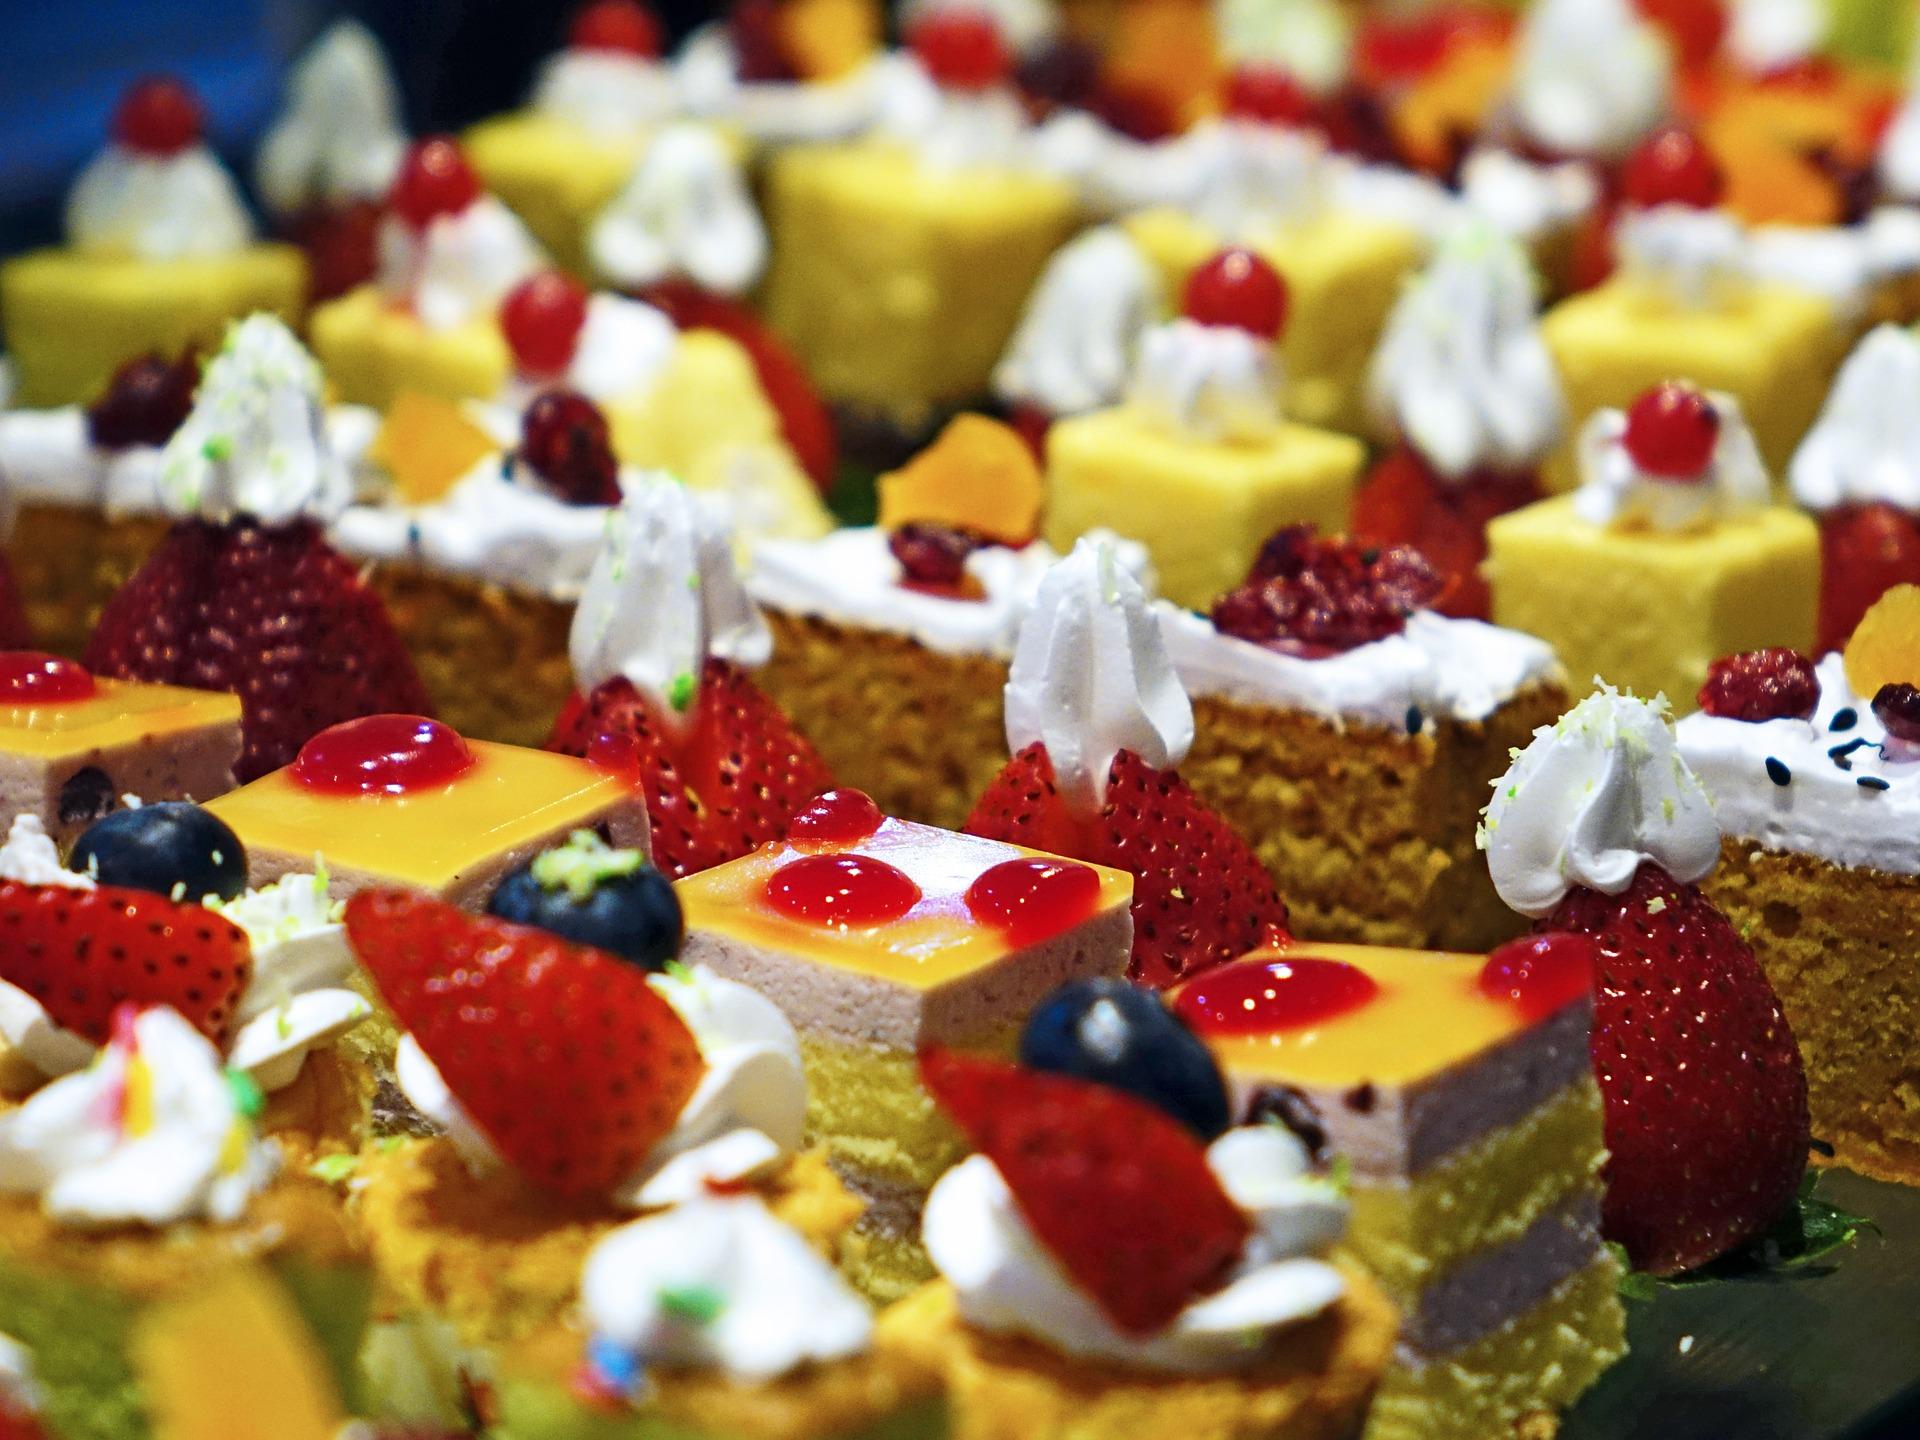 cakes-489849_1920